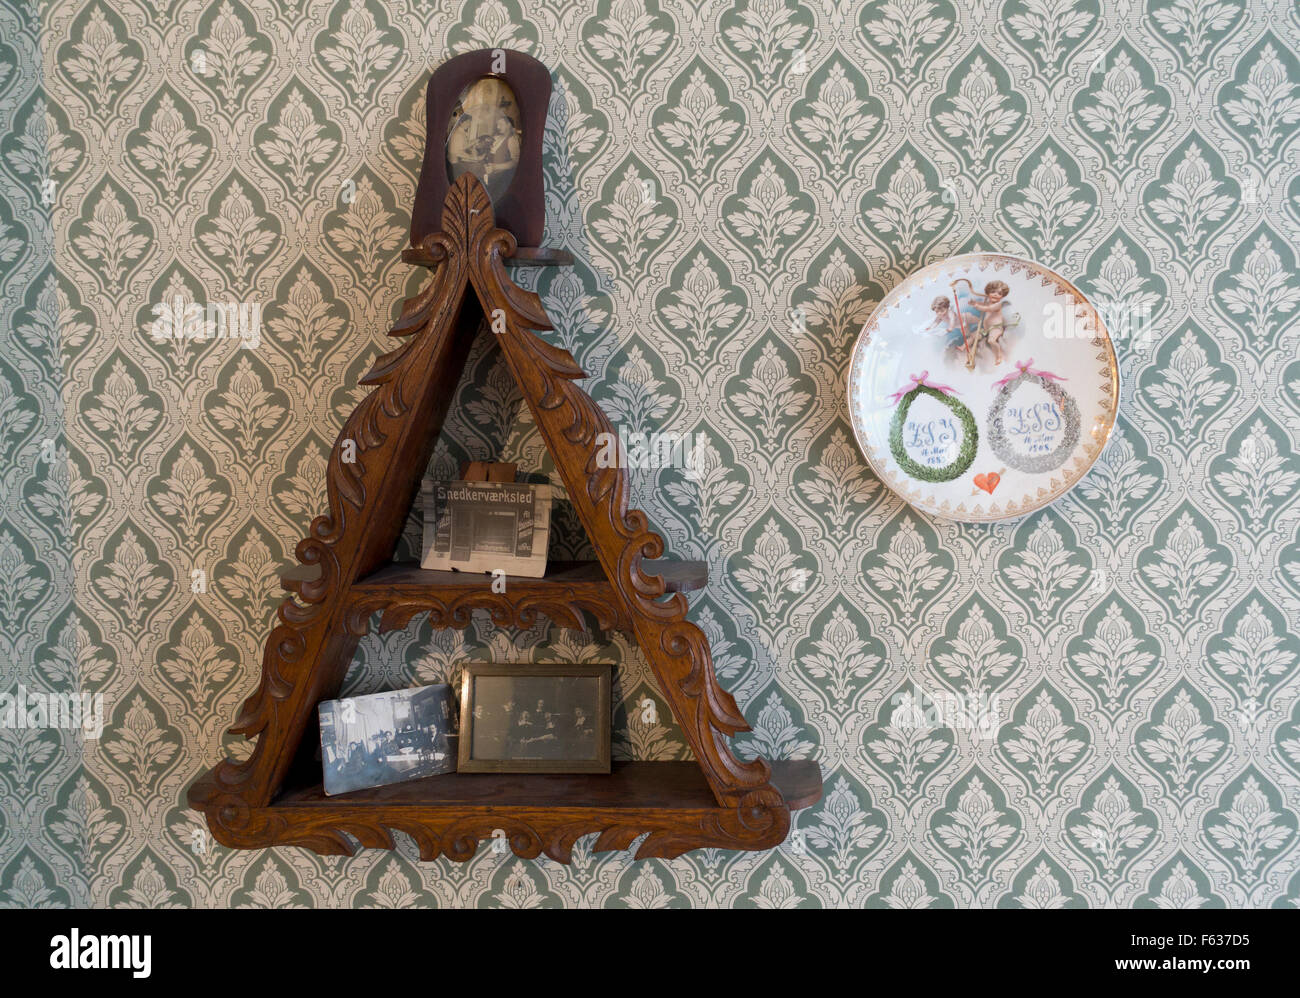 Alten dreieckige Regal mit Familie und kleinen Tischler Geschäftsfotos neben einer Silberhochzeit-Plakette. Stockbild